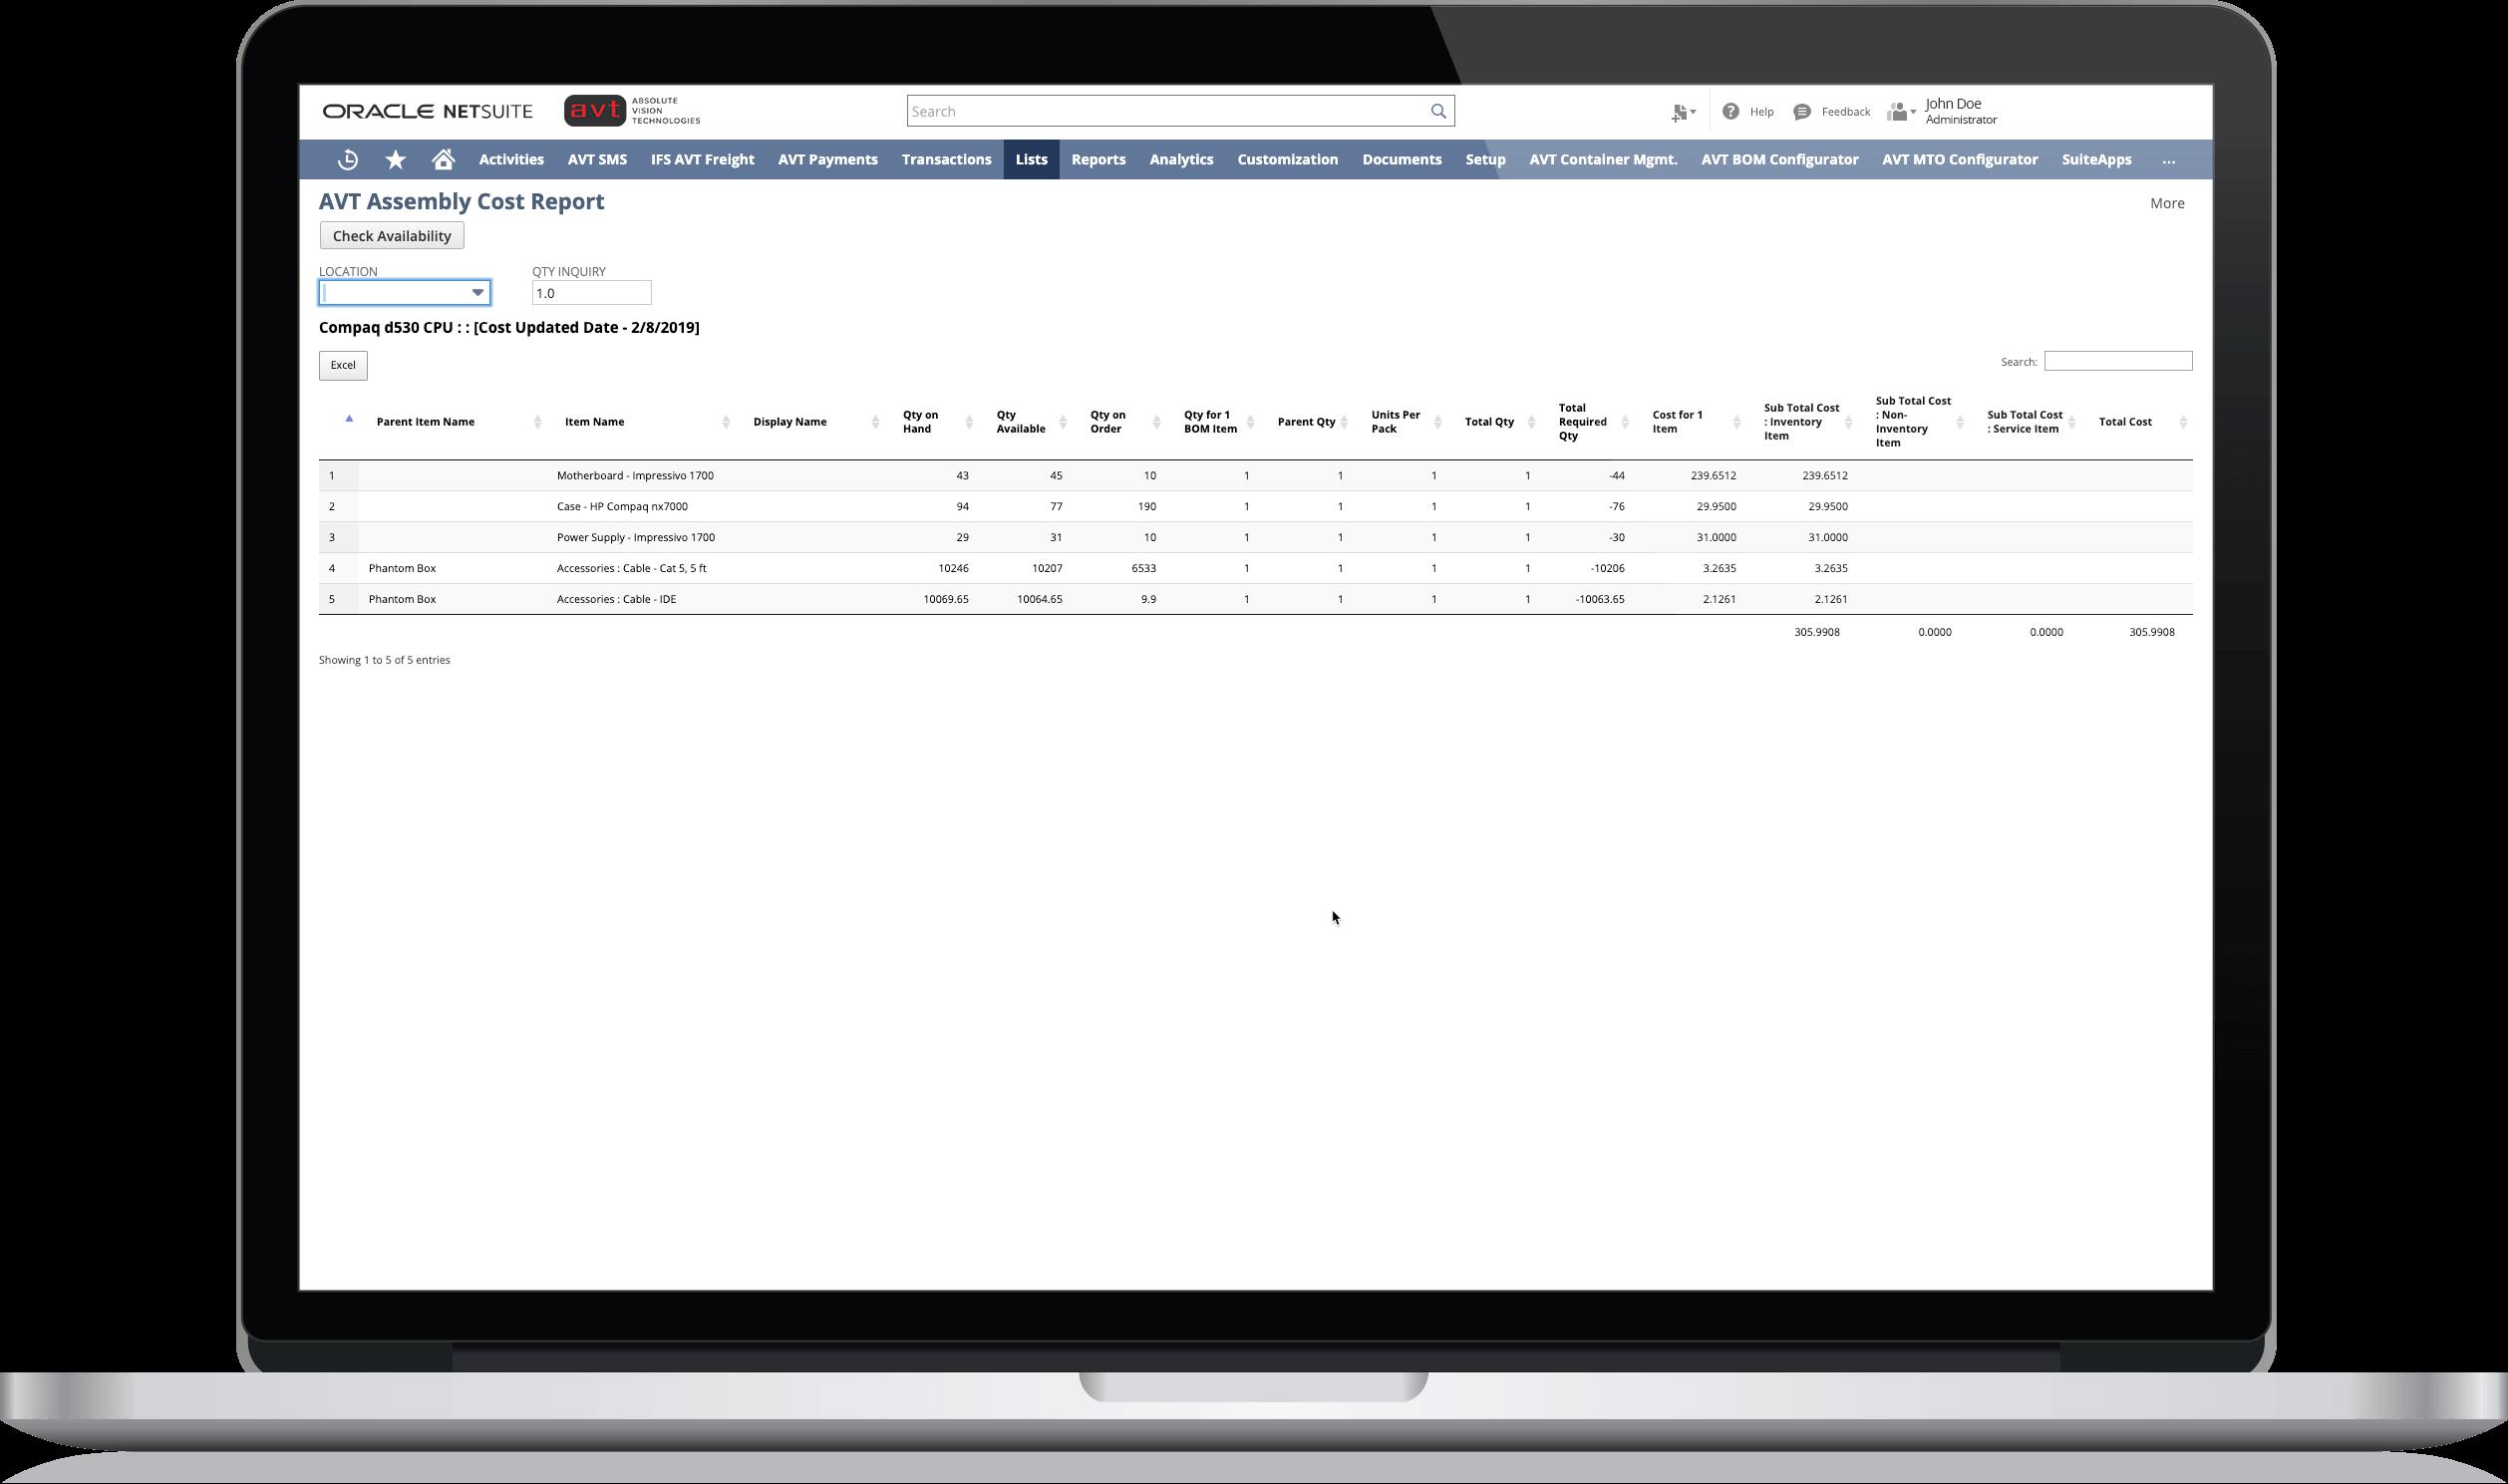 AVT Bill of Material (BOM) costing for NetSuite